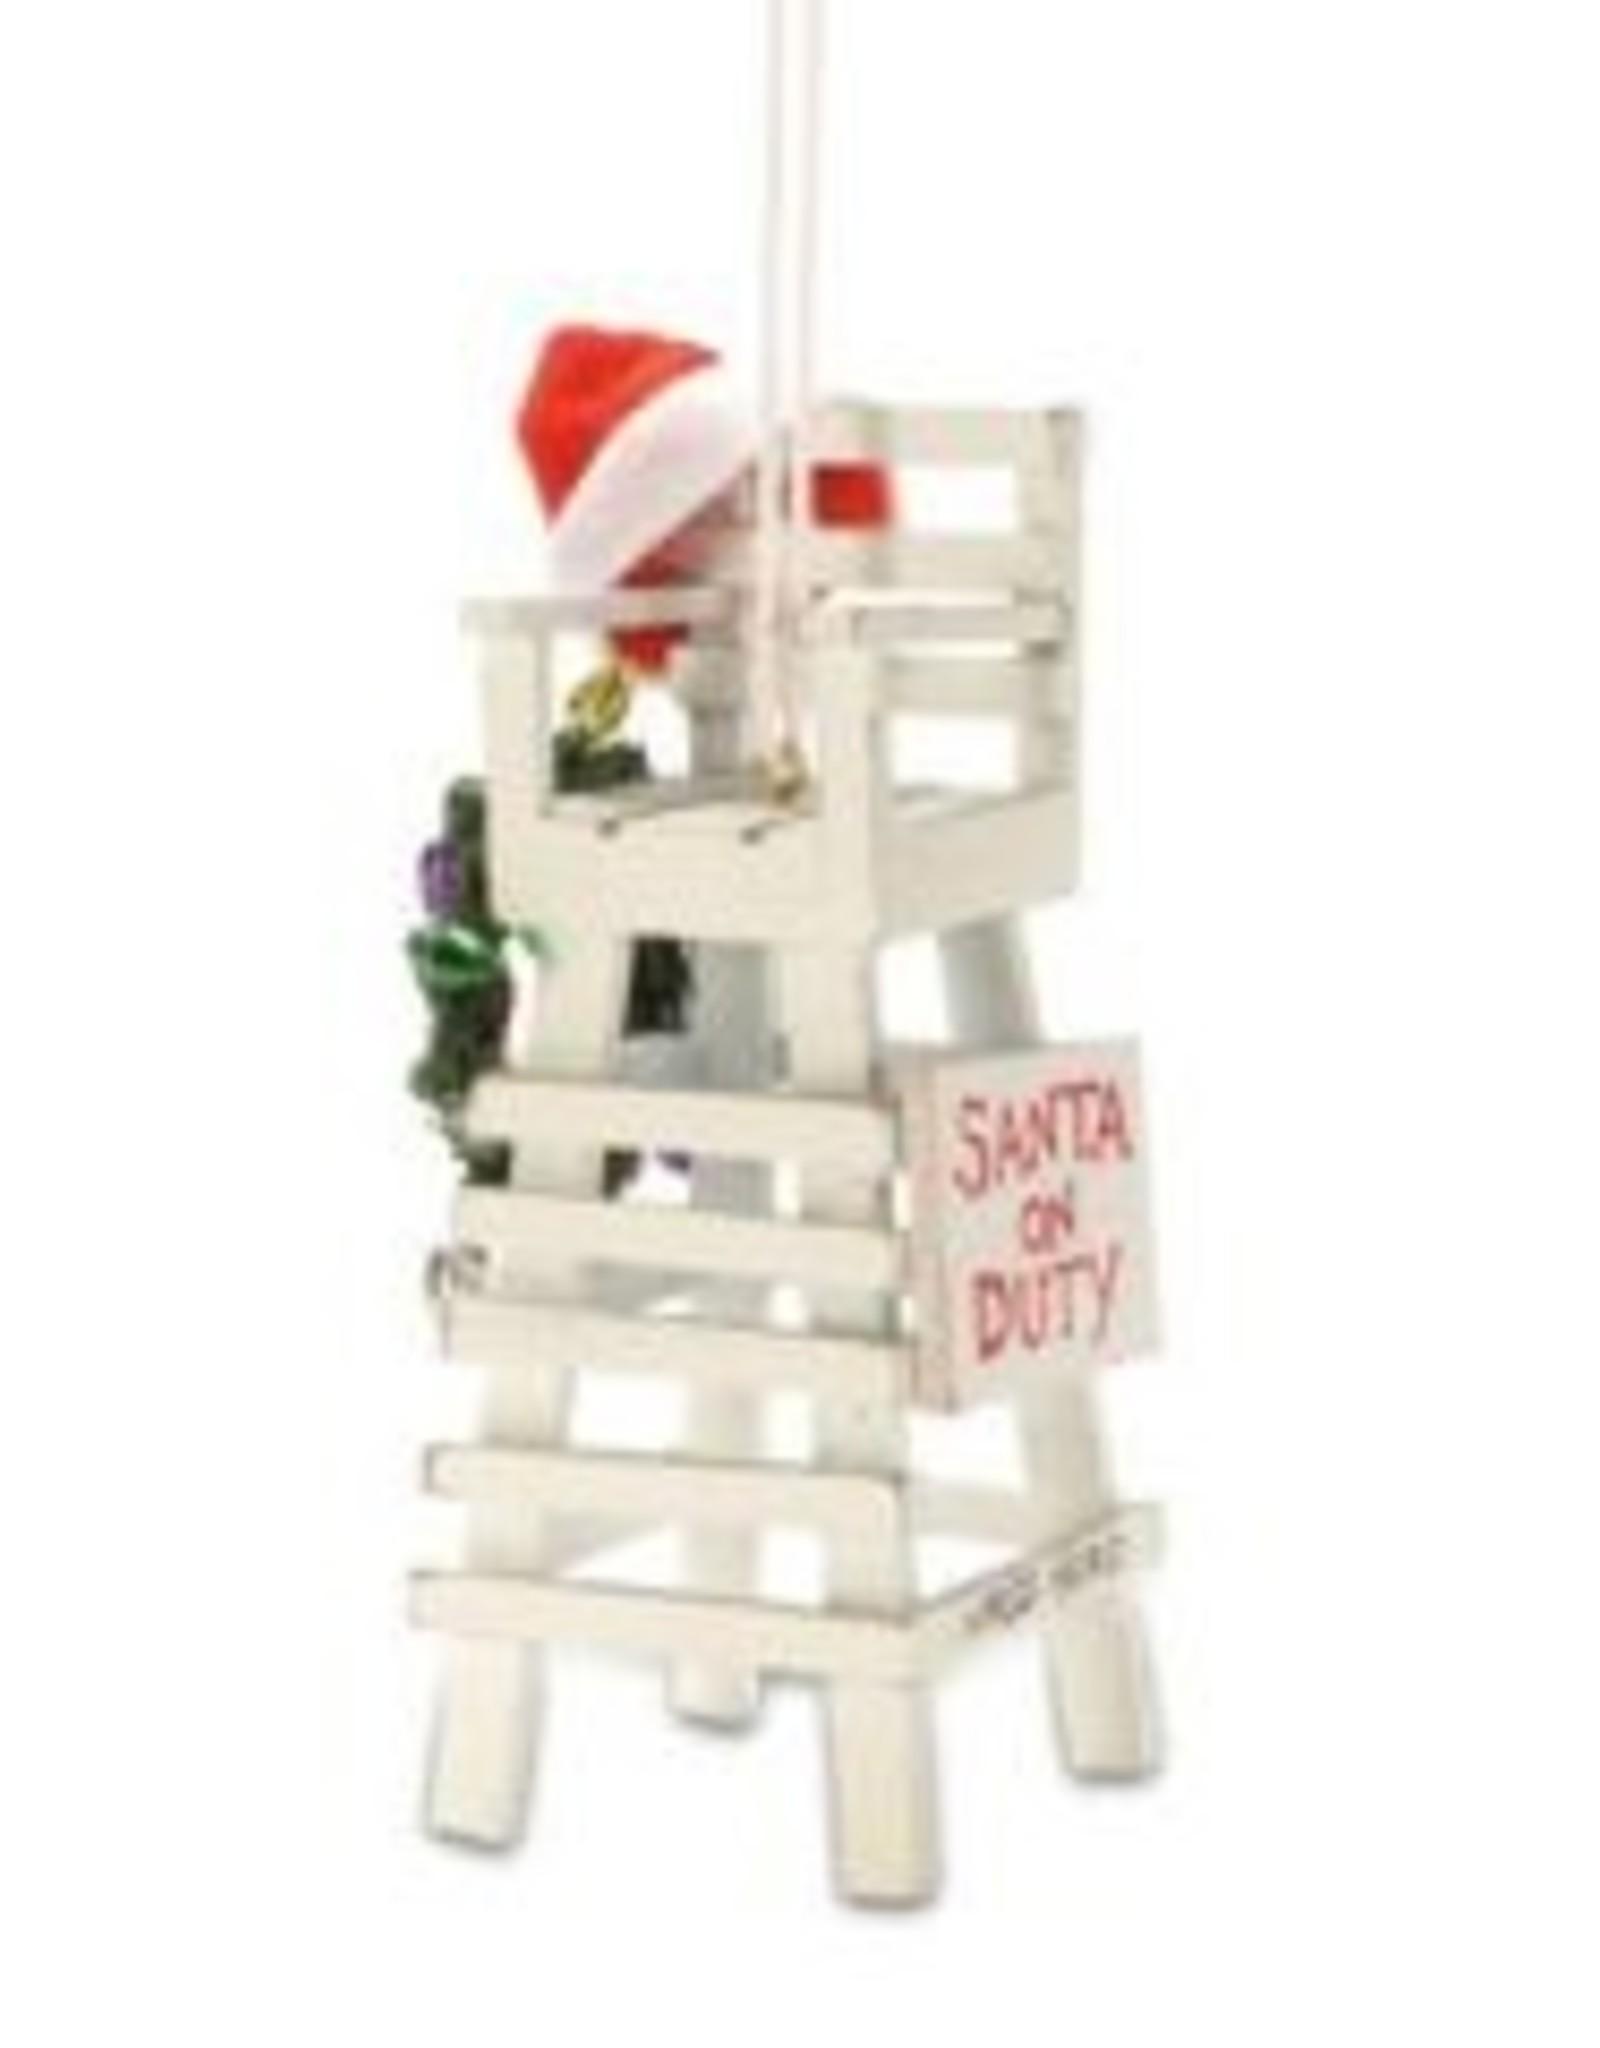 Cape Shore Santa On Duty Ornament - Jersey Shore